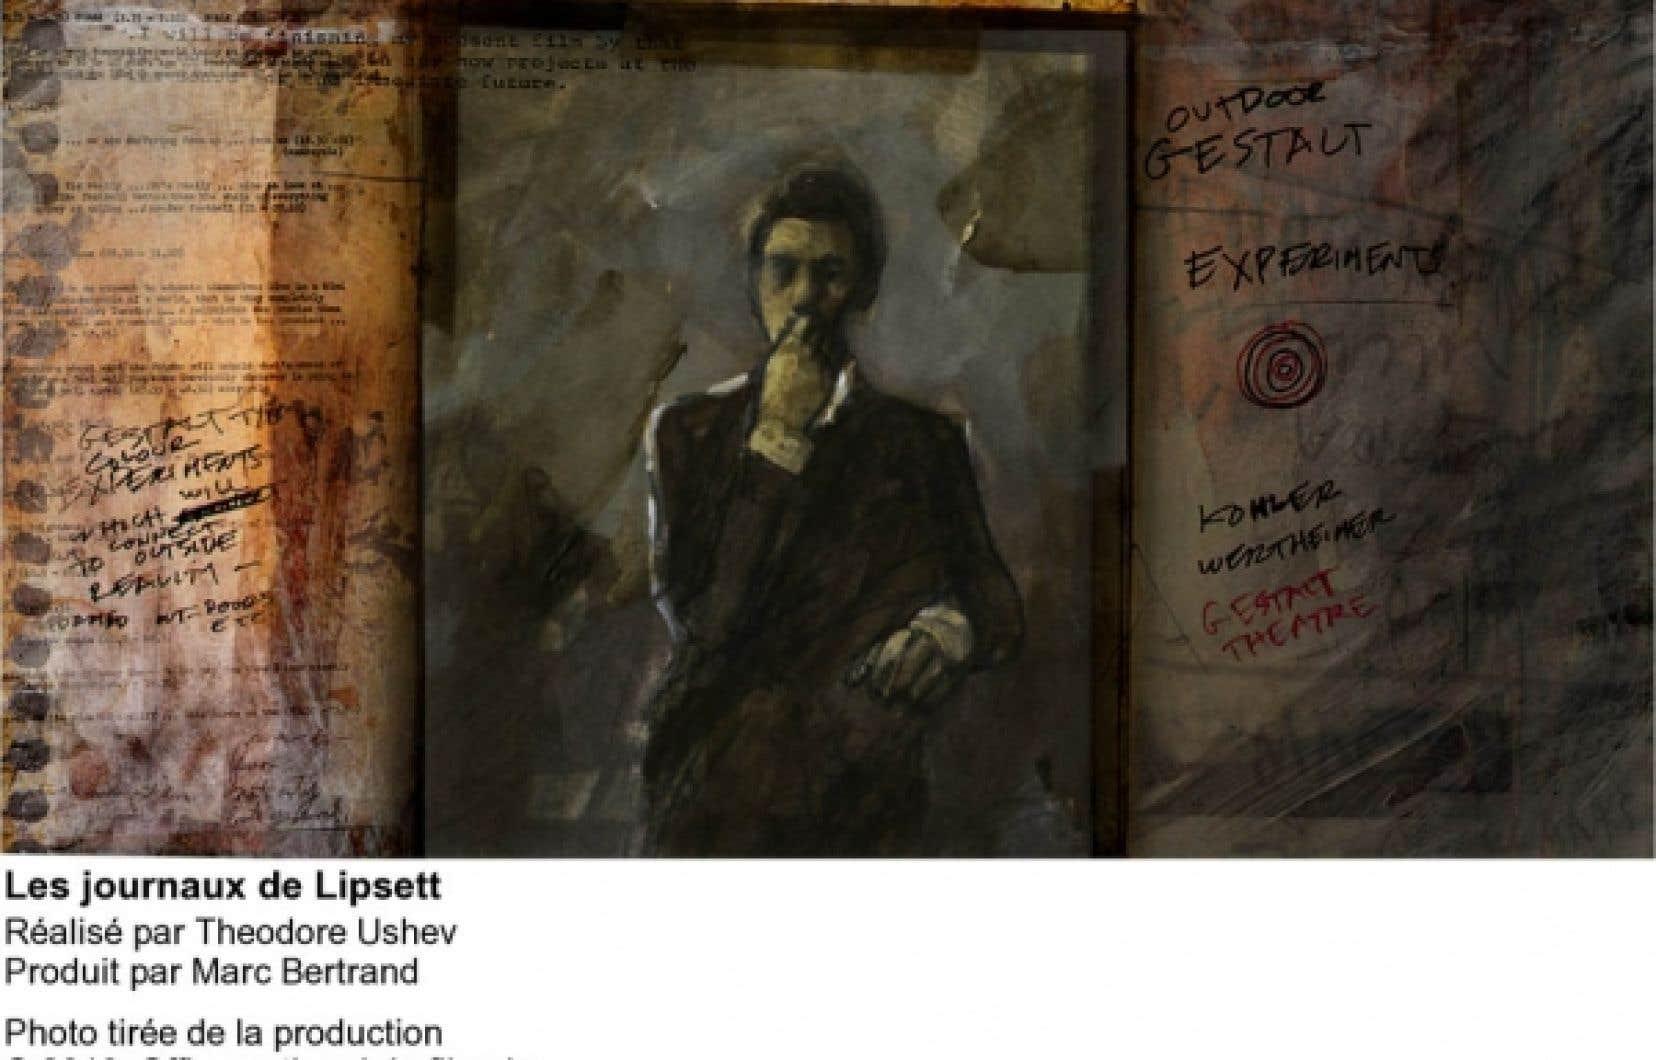 «Le film est fait avec des éléments de films de Lipsett, que j'ai transformés au crayon et à la peinture, puis retravaillés numériquement», explique le cinéaste Theodore Ushev.<br />